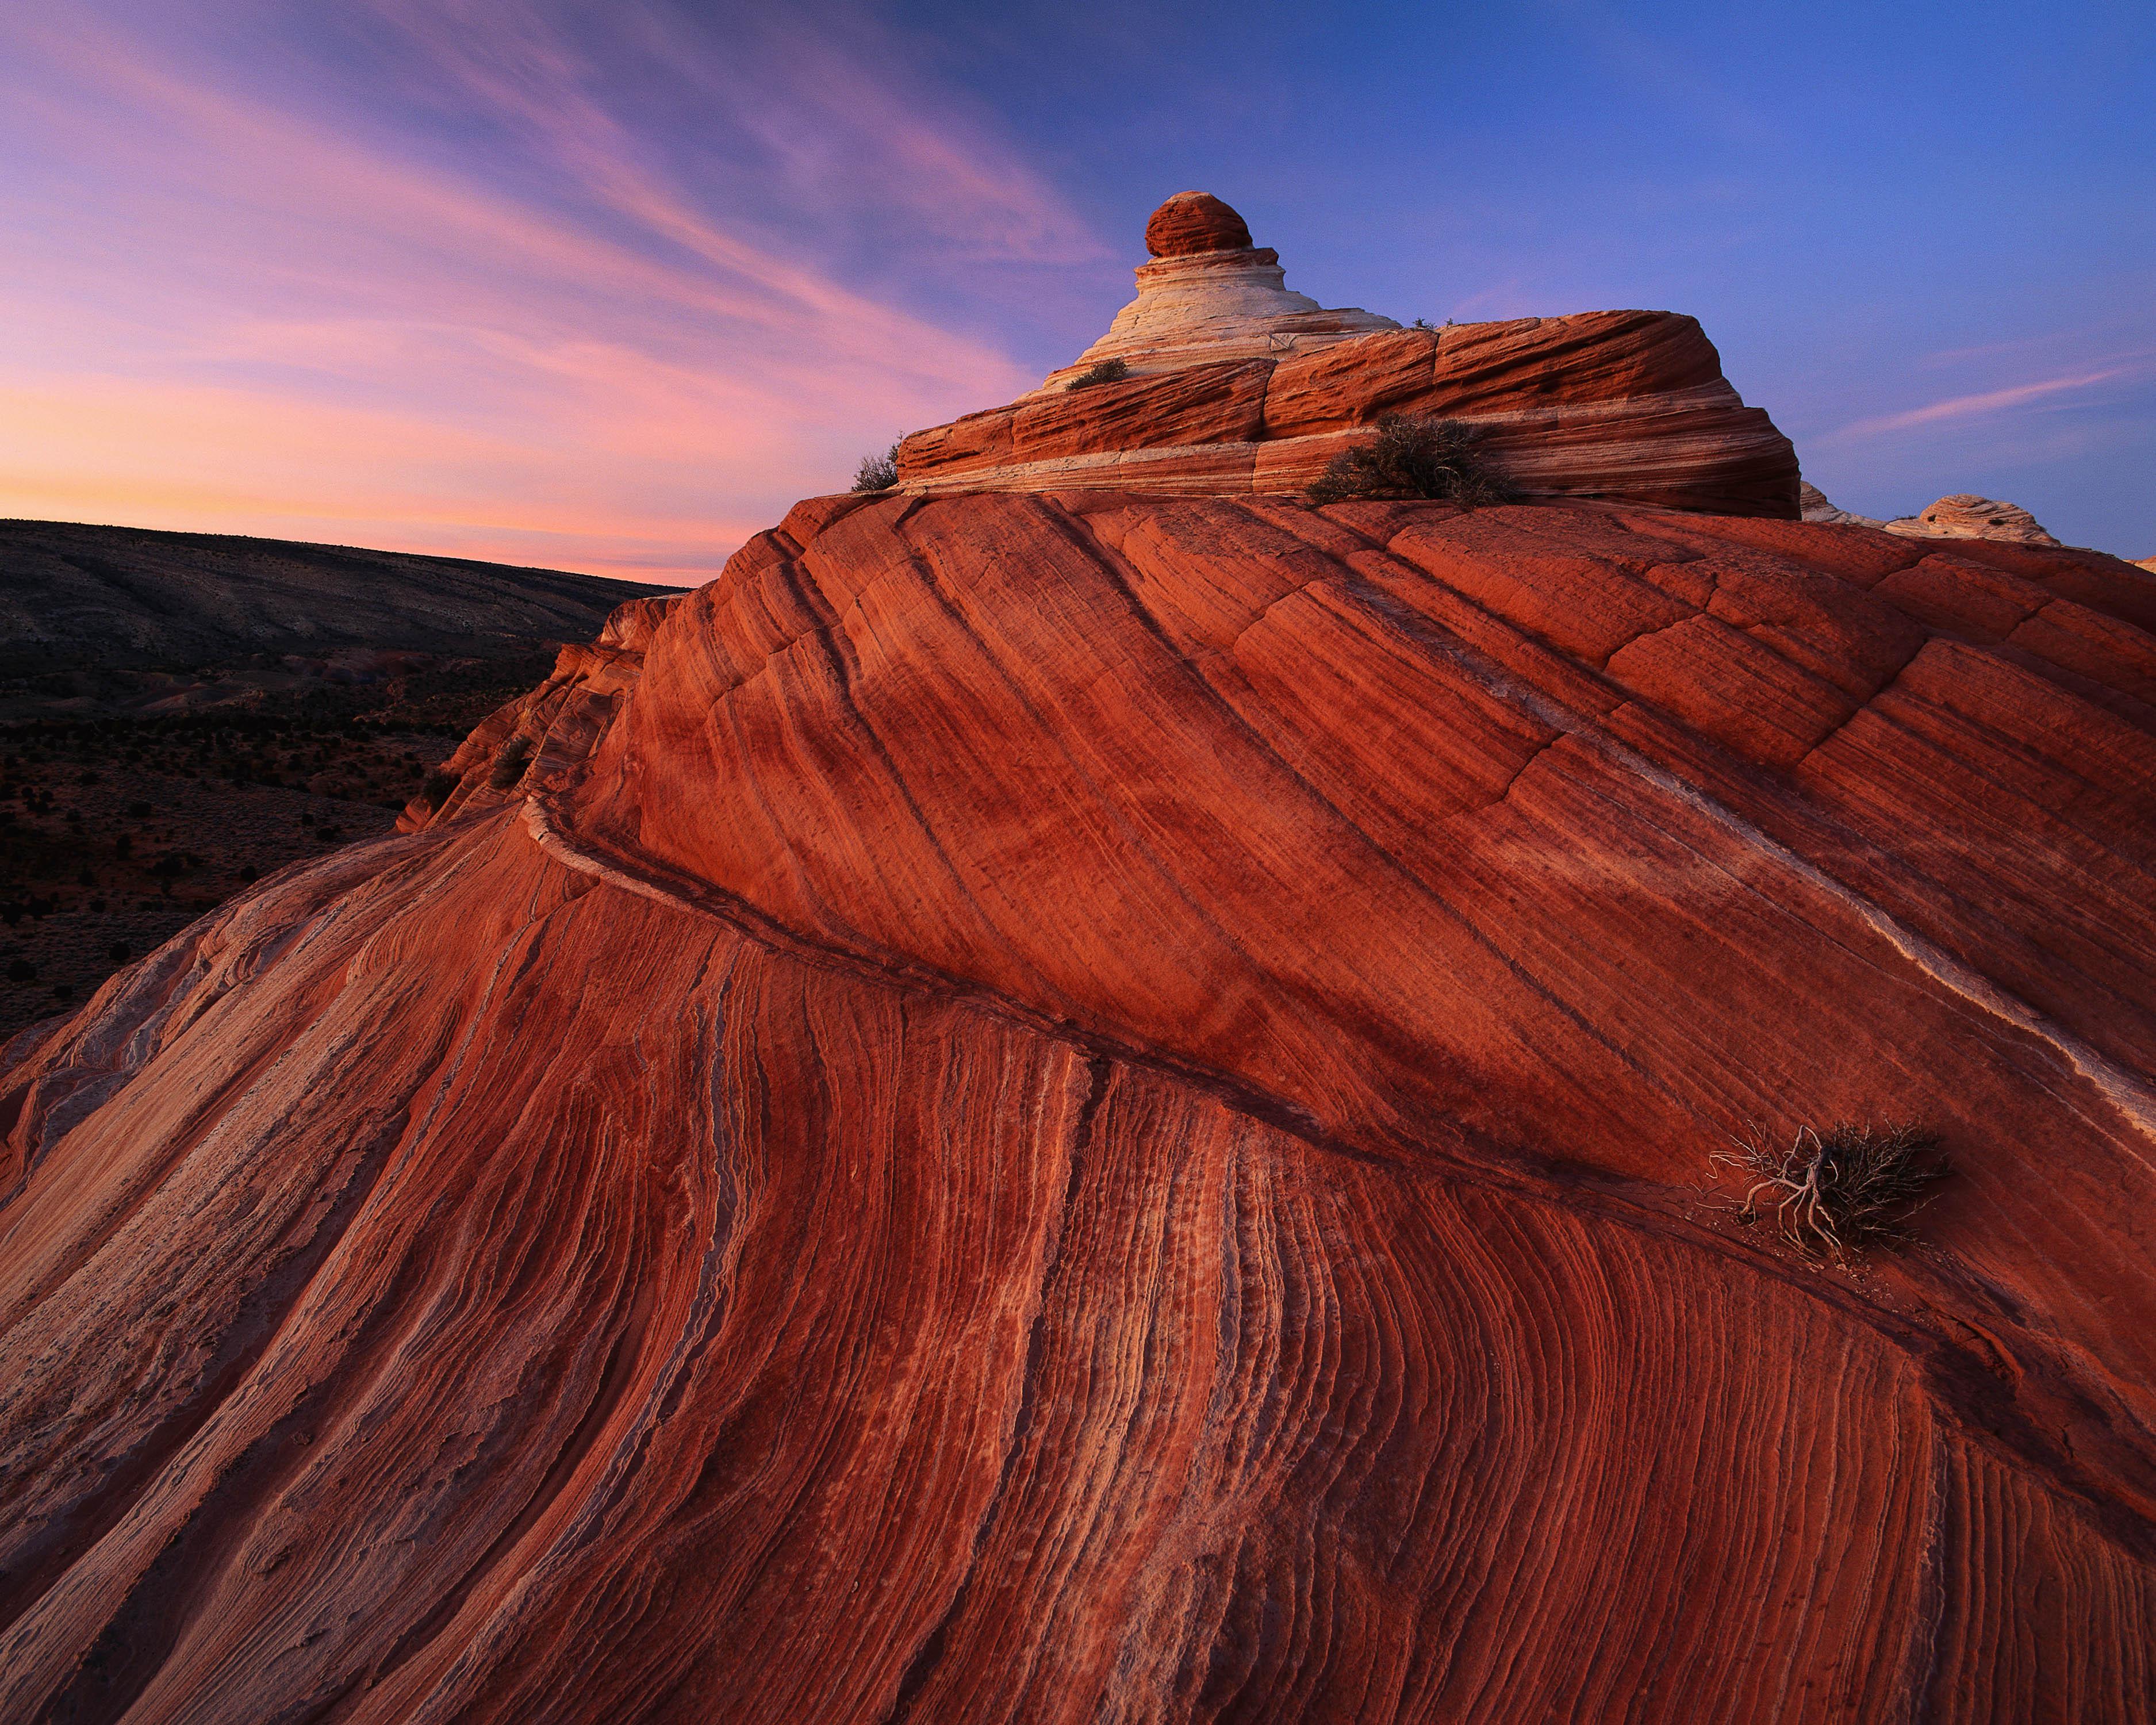 602 Desert HD Wallpapers